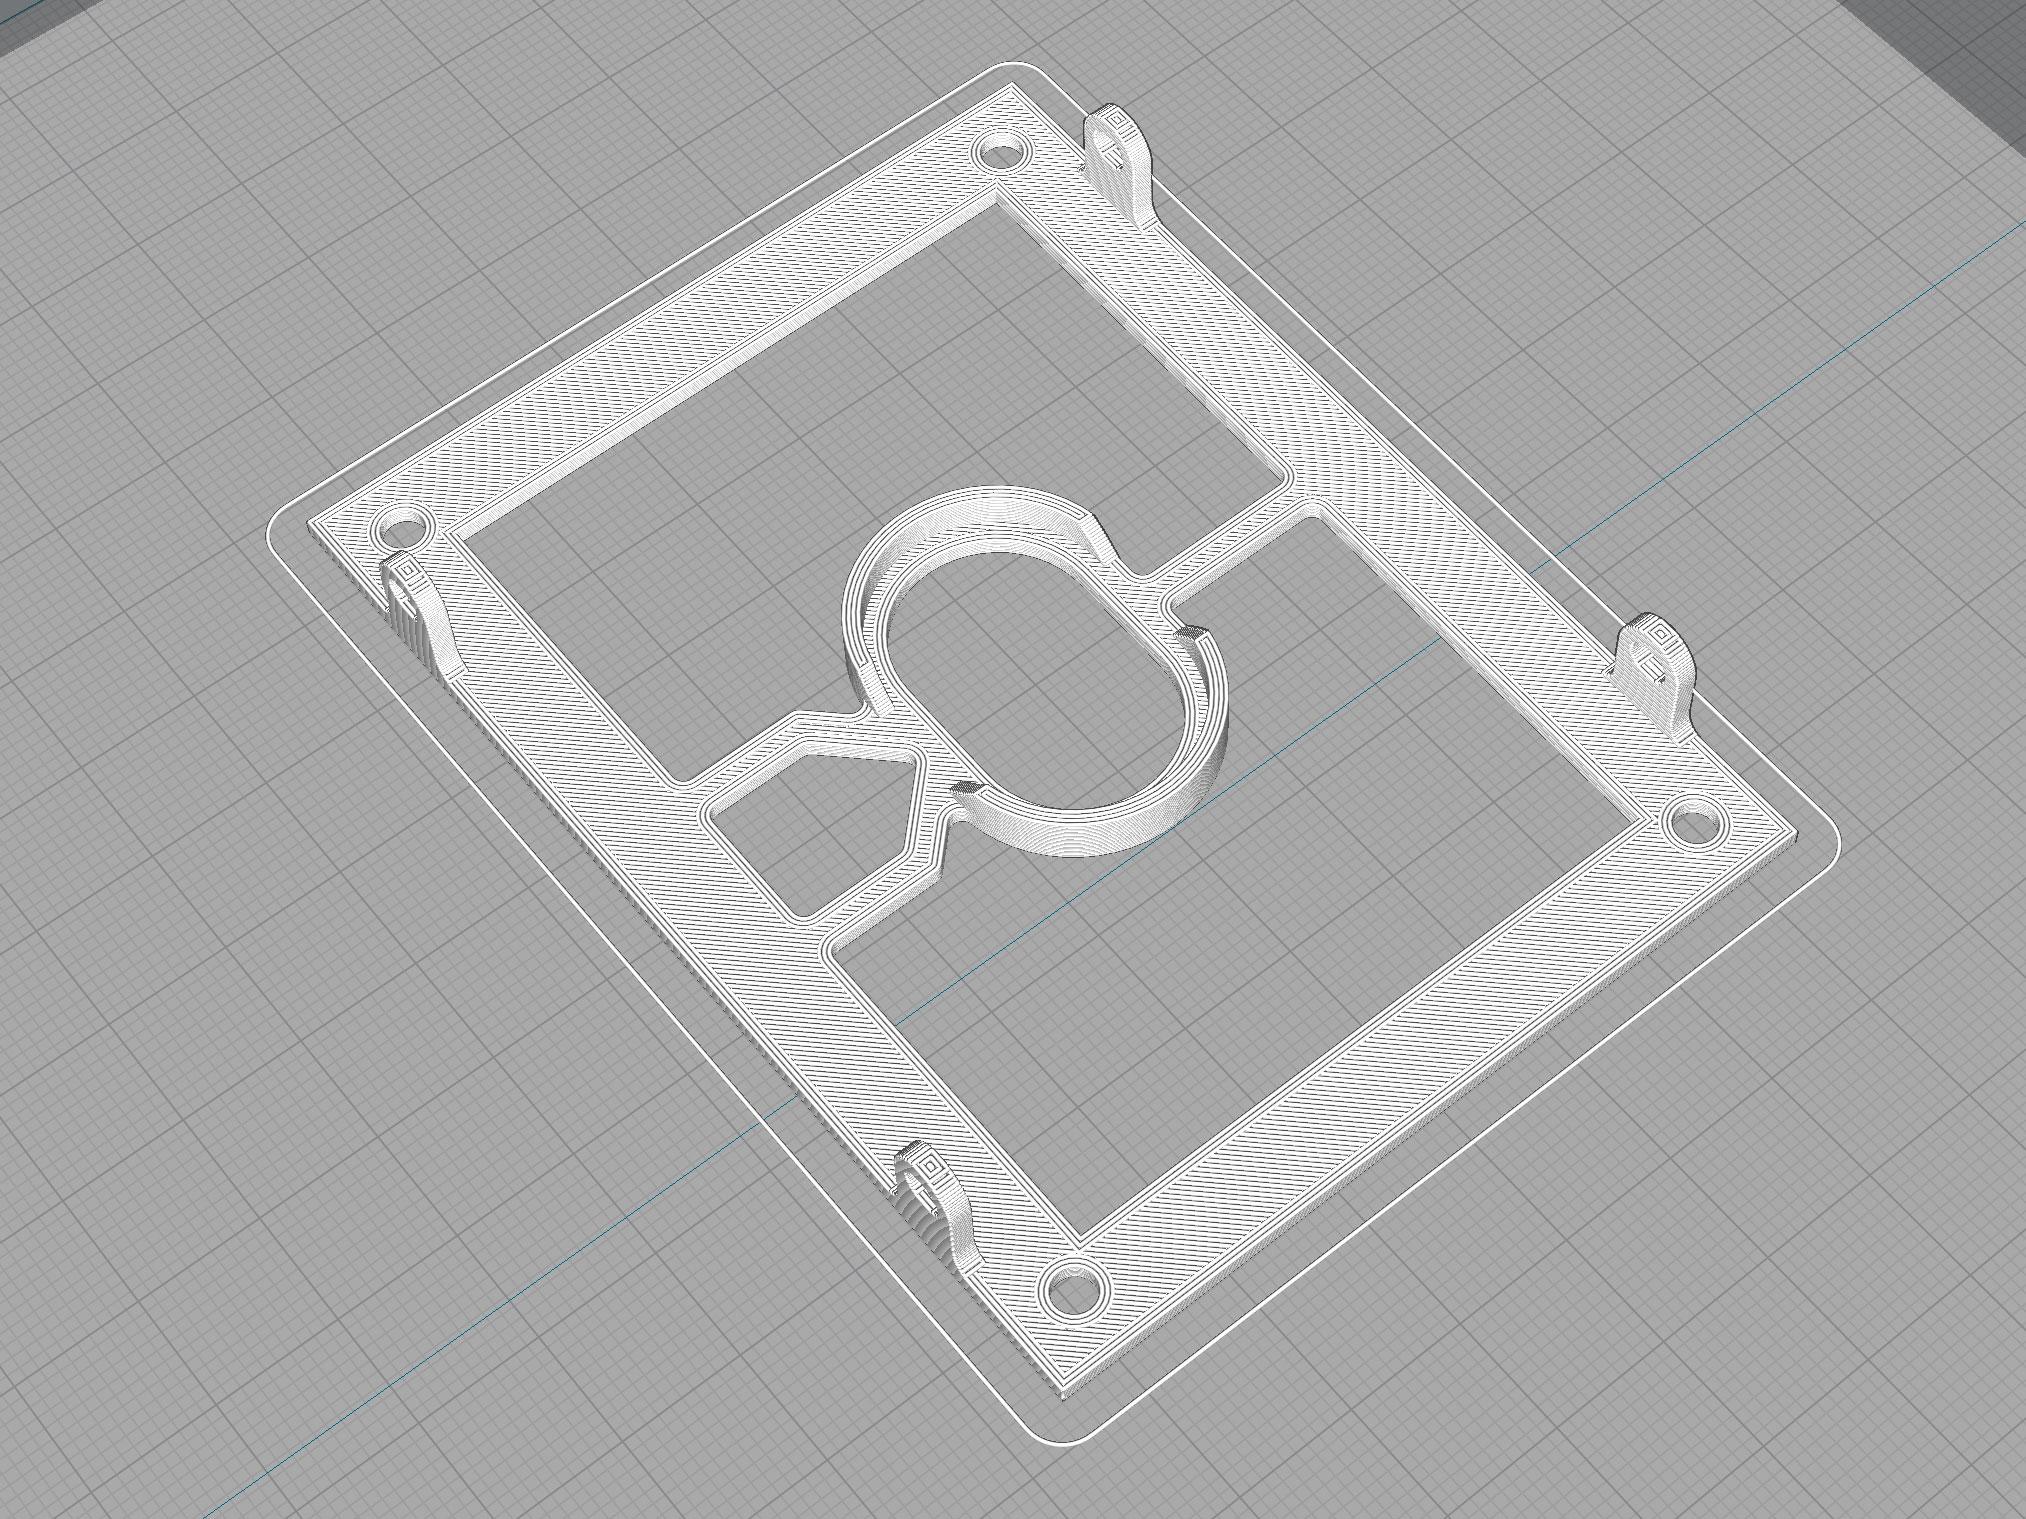 3d_printing_slice-pcbplate.jpg